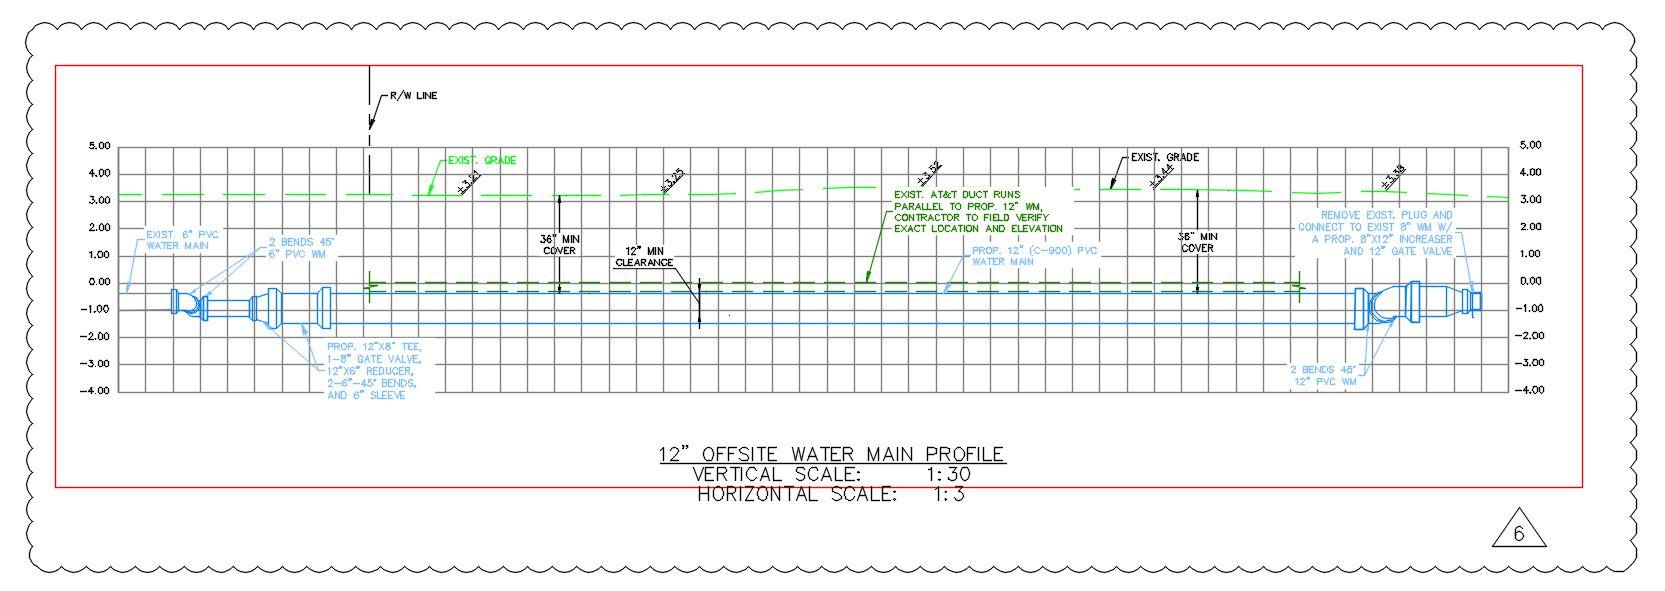 Water_Main_Profile.JPG